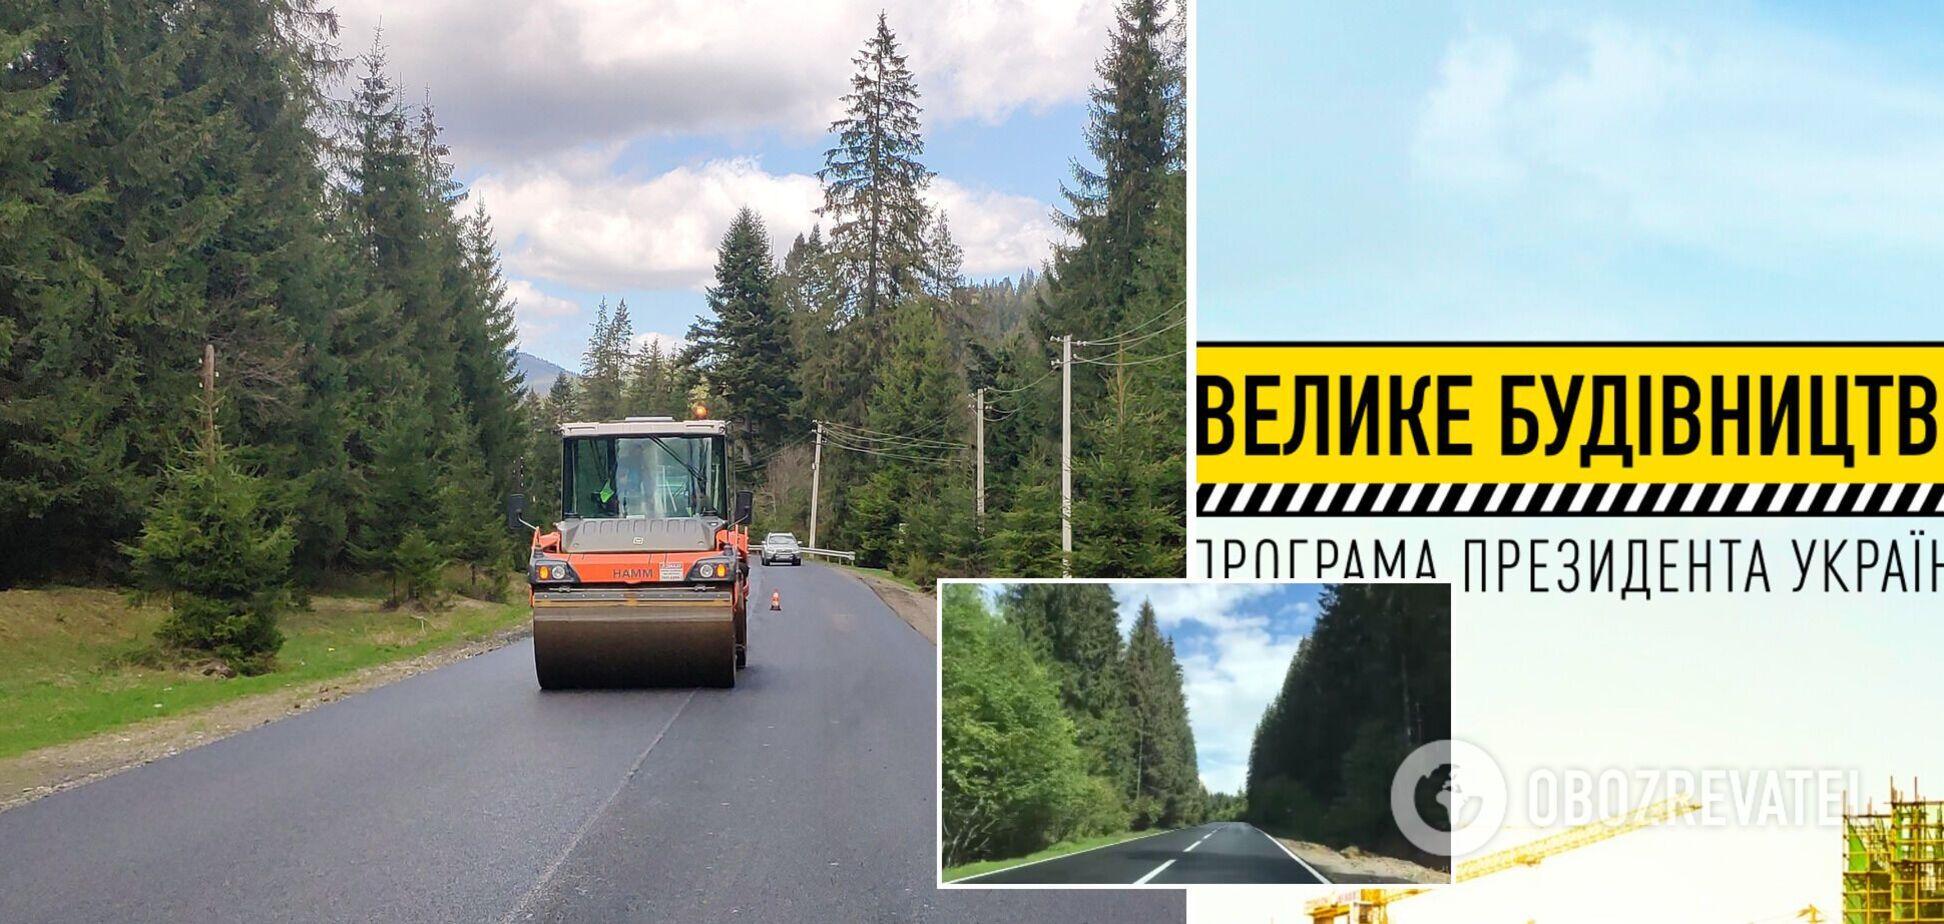 'Большая стройка' Зеленского обеспечила обновленную дорогу по 'Золотому кольцу Карпат'